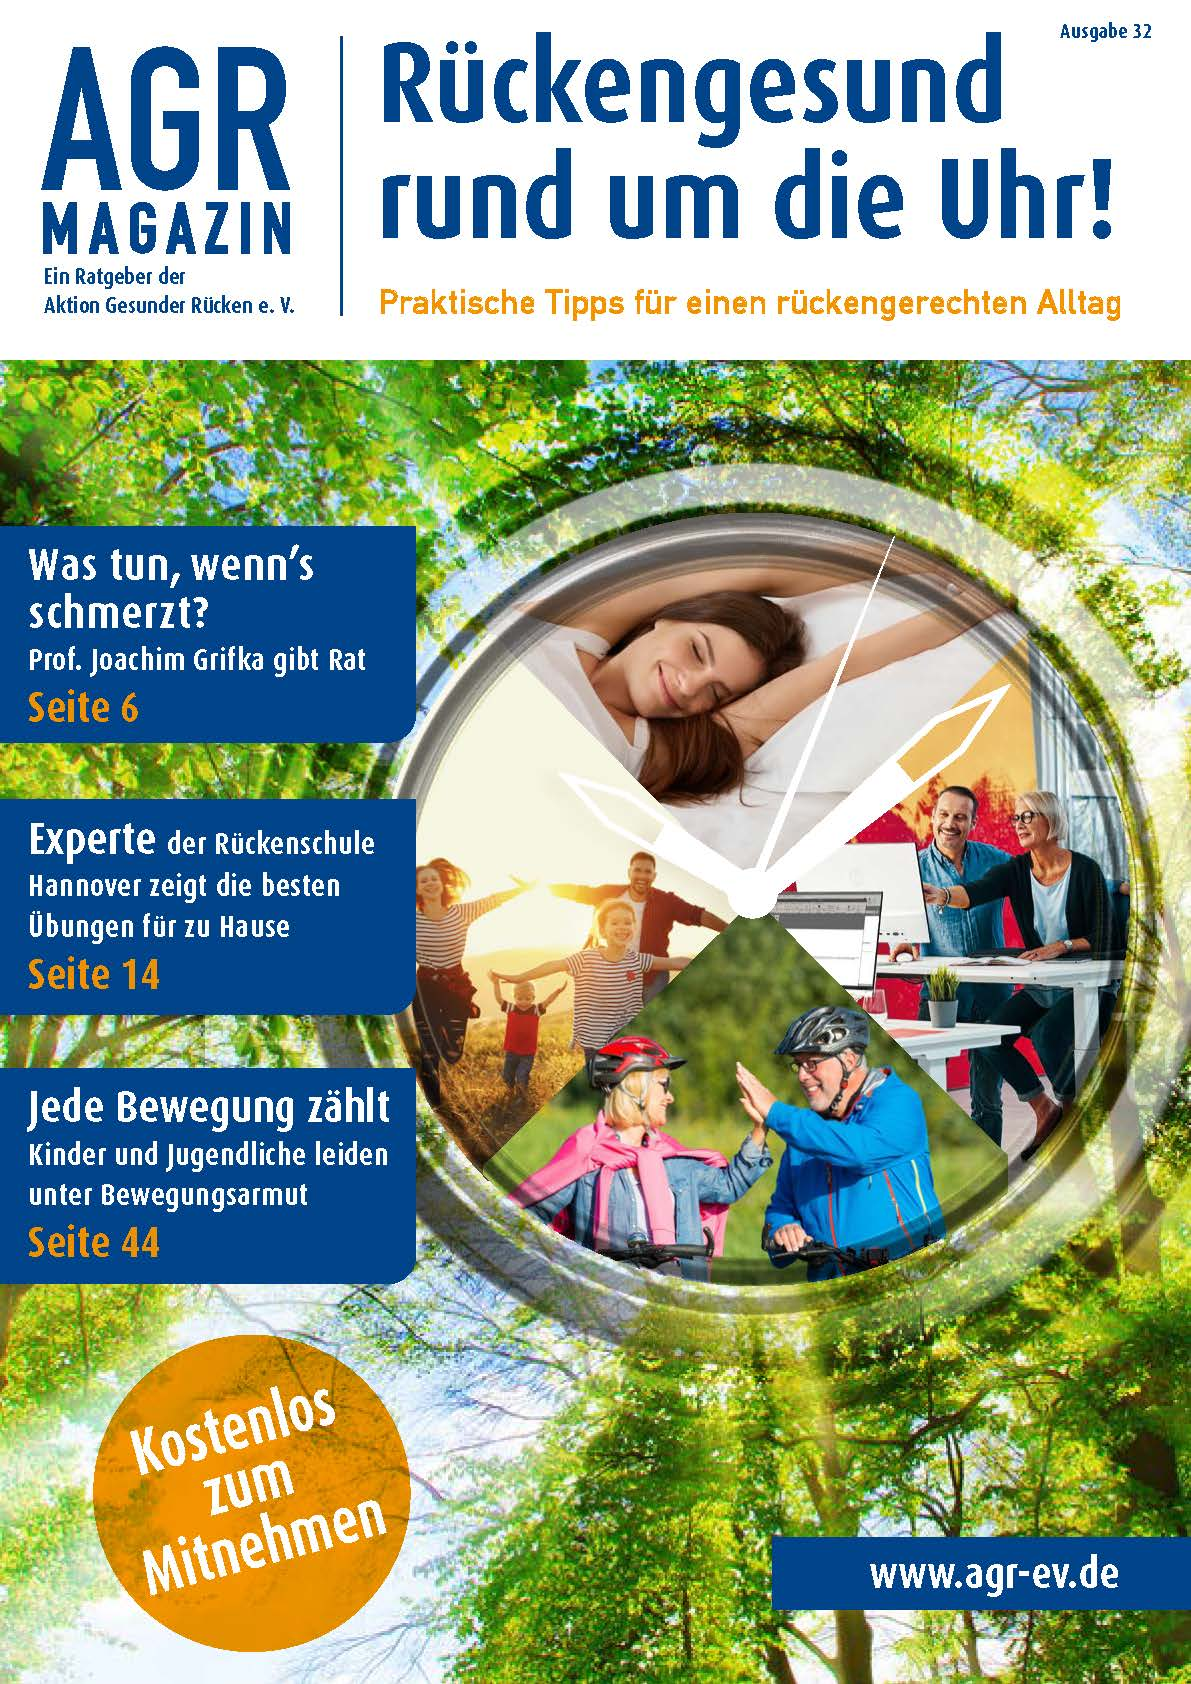 AGR-Magazin